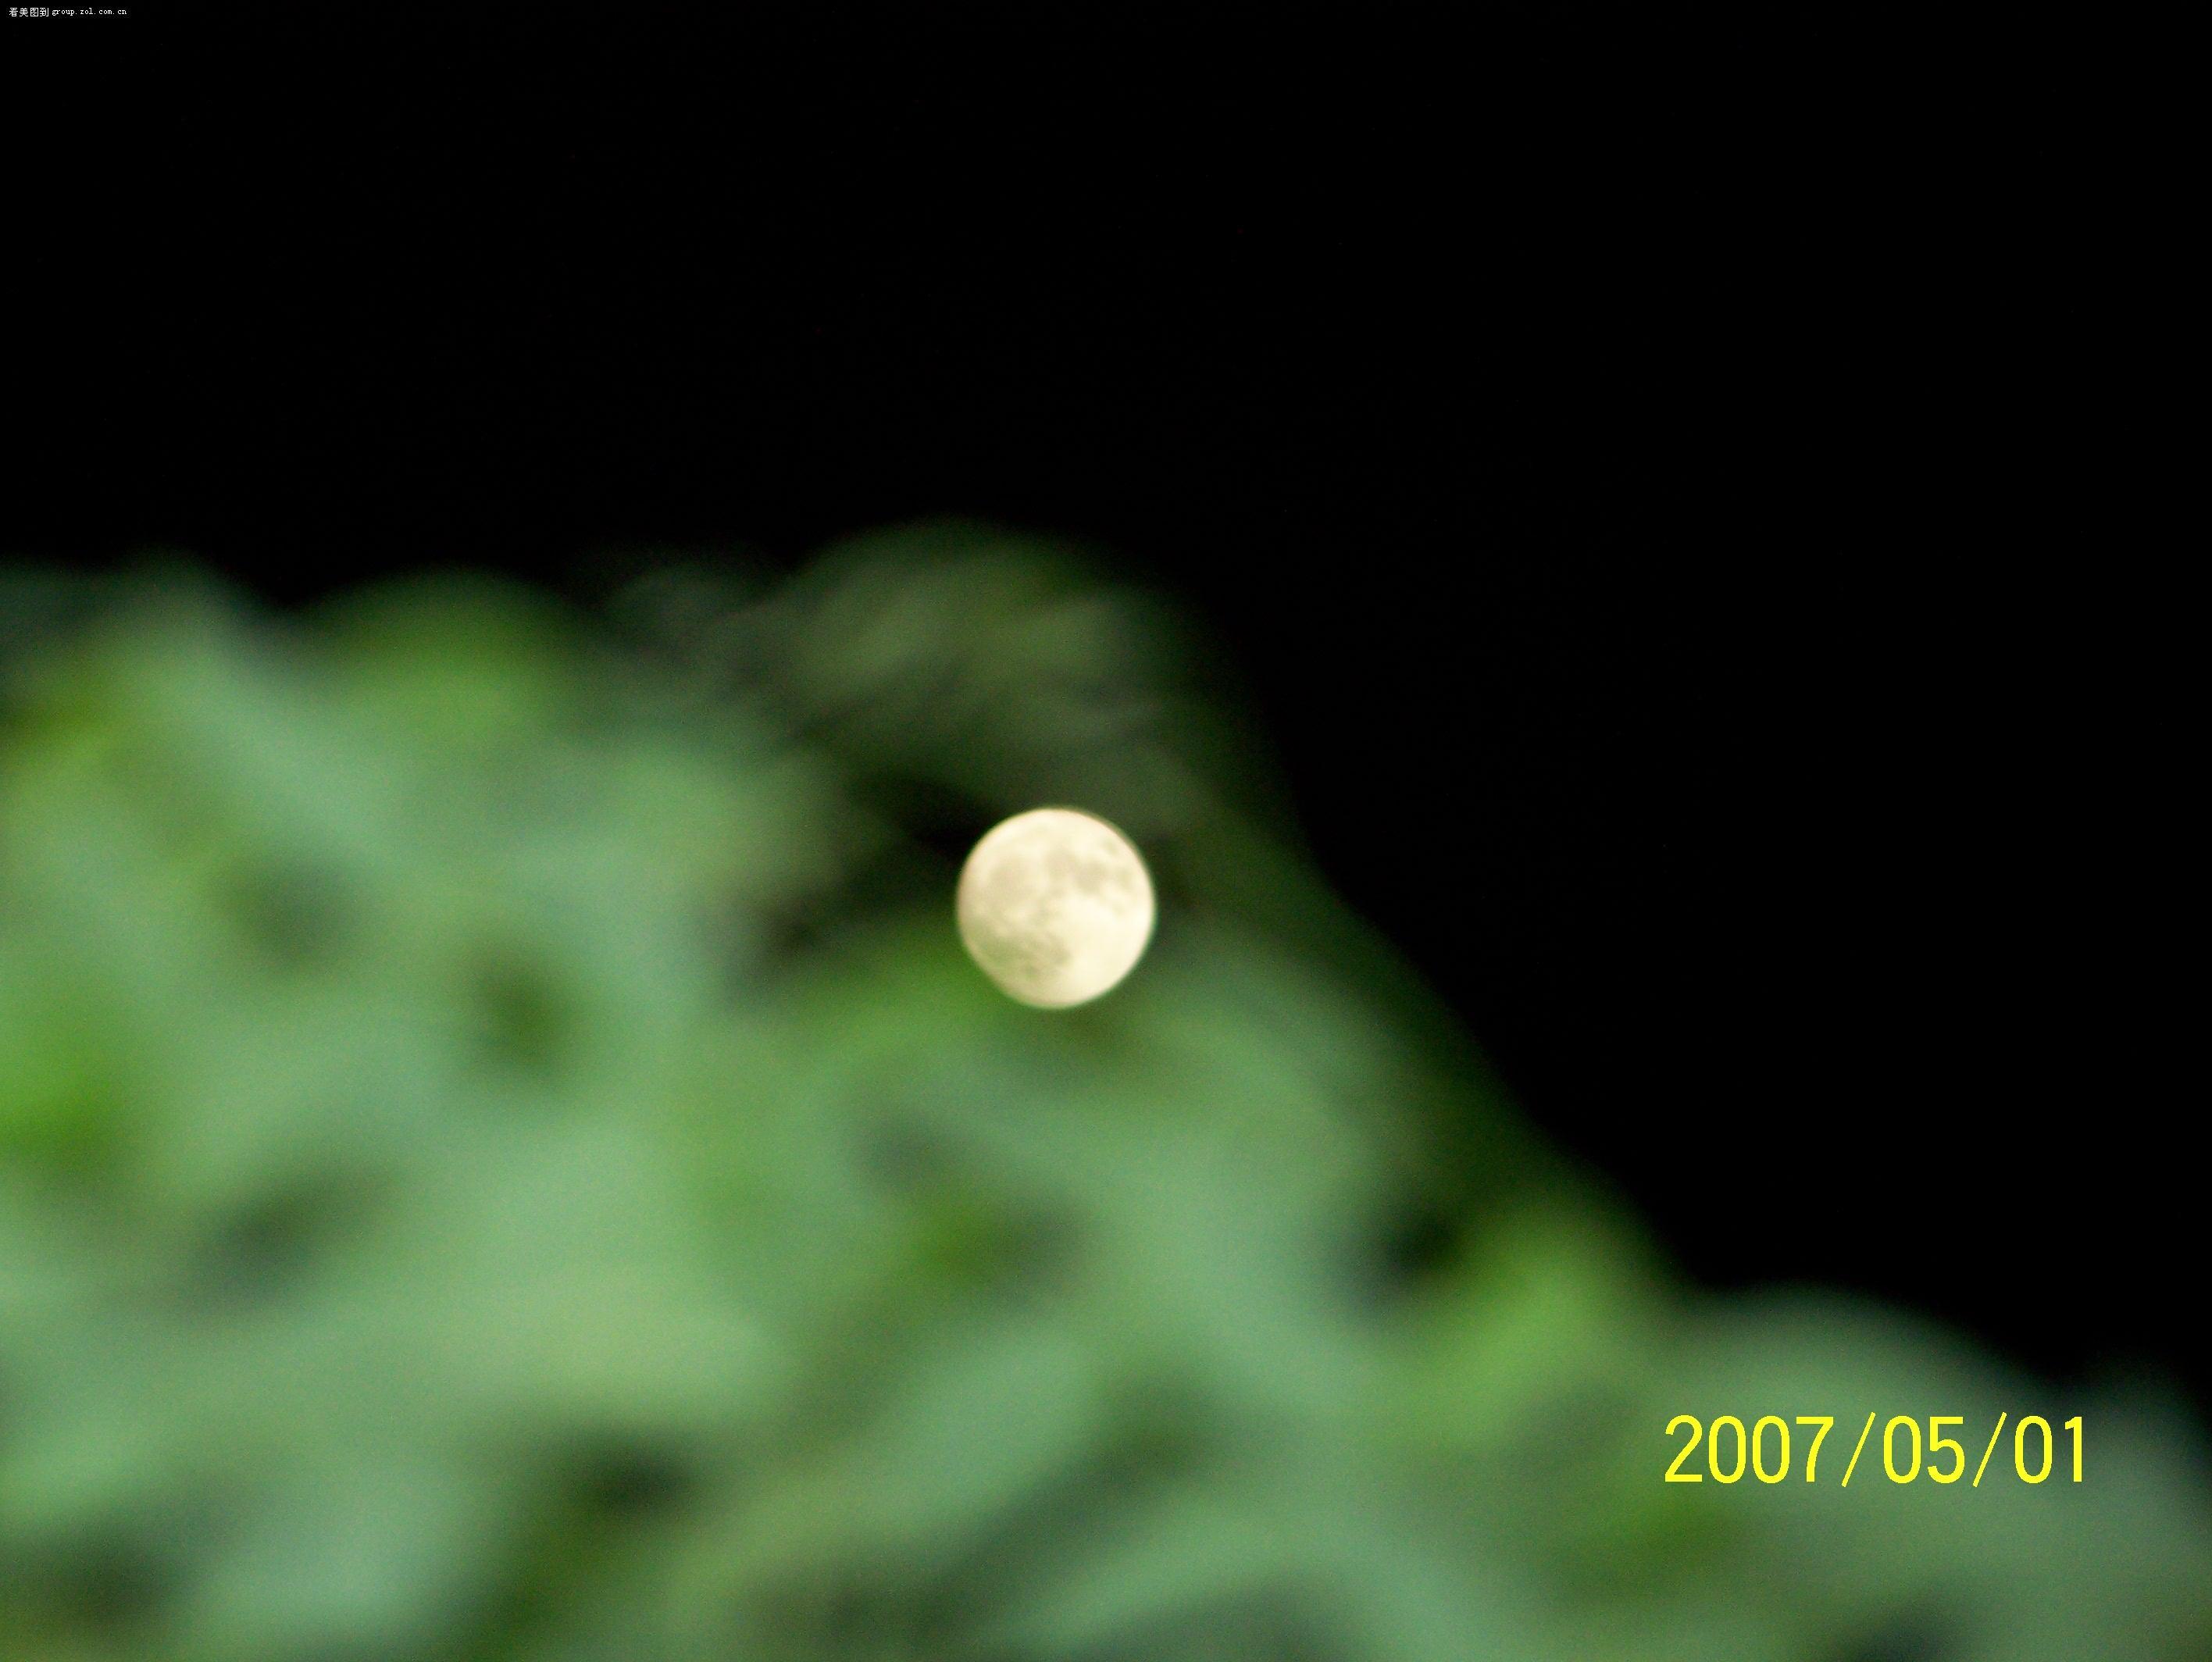 【十五的月亮】- 论坛-zol中关村在线